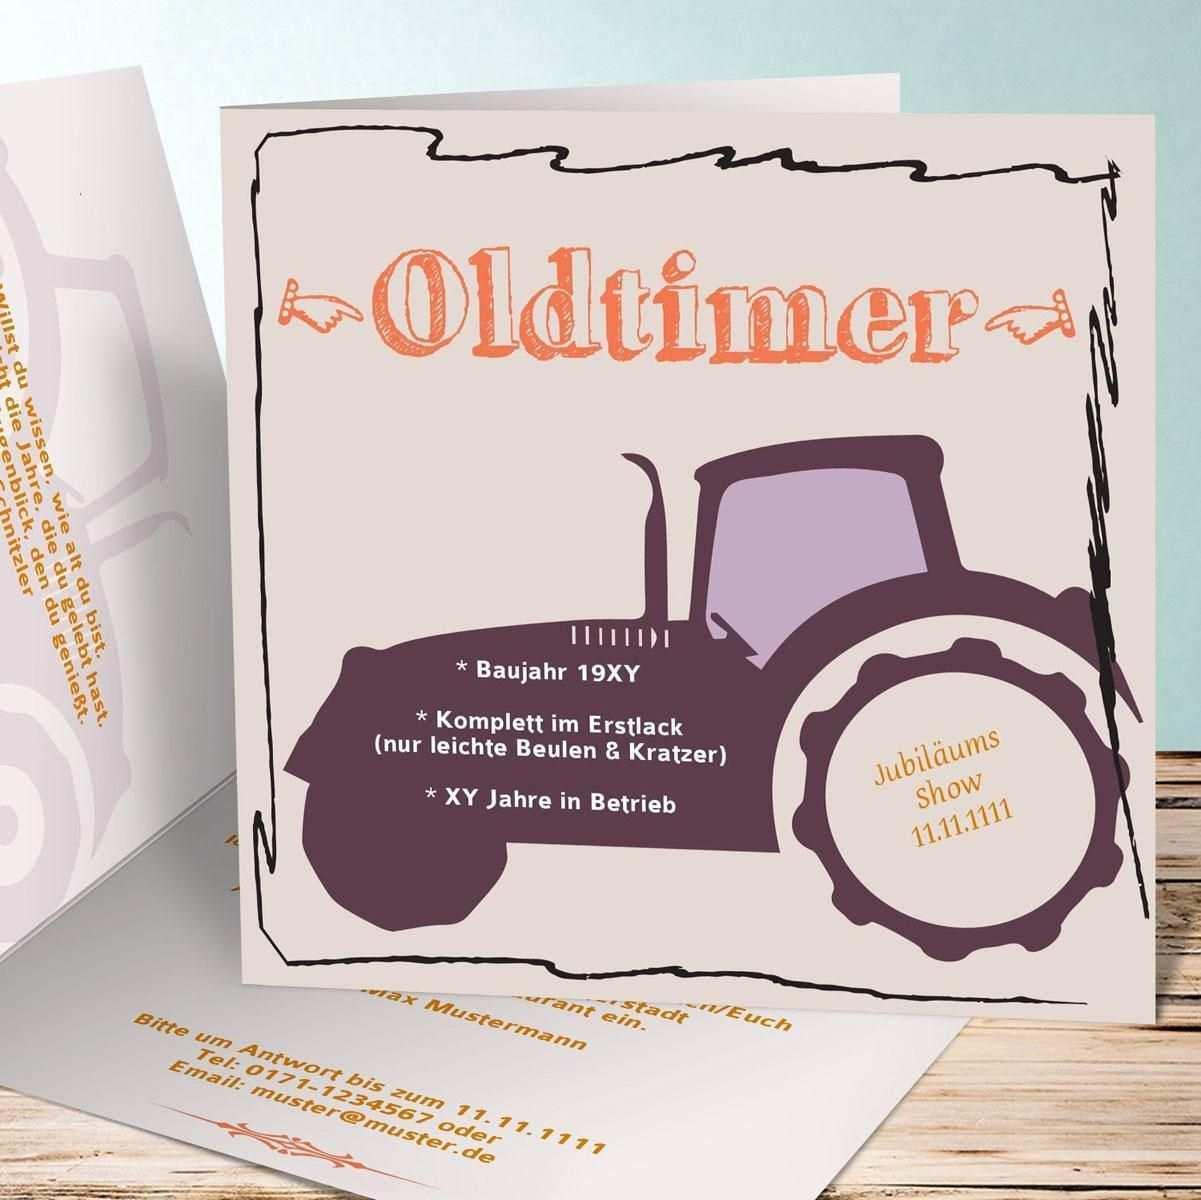 Einladungskarten Geburtstag Einladungskarten Geburtstag 70 Einladung Zum Einladungskarten 70 Geburtstag Einladung 70 Geburtstag Einladung 80 Geburtstag